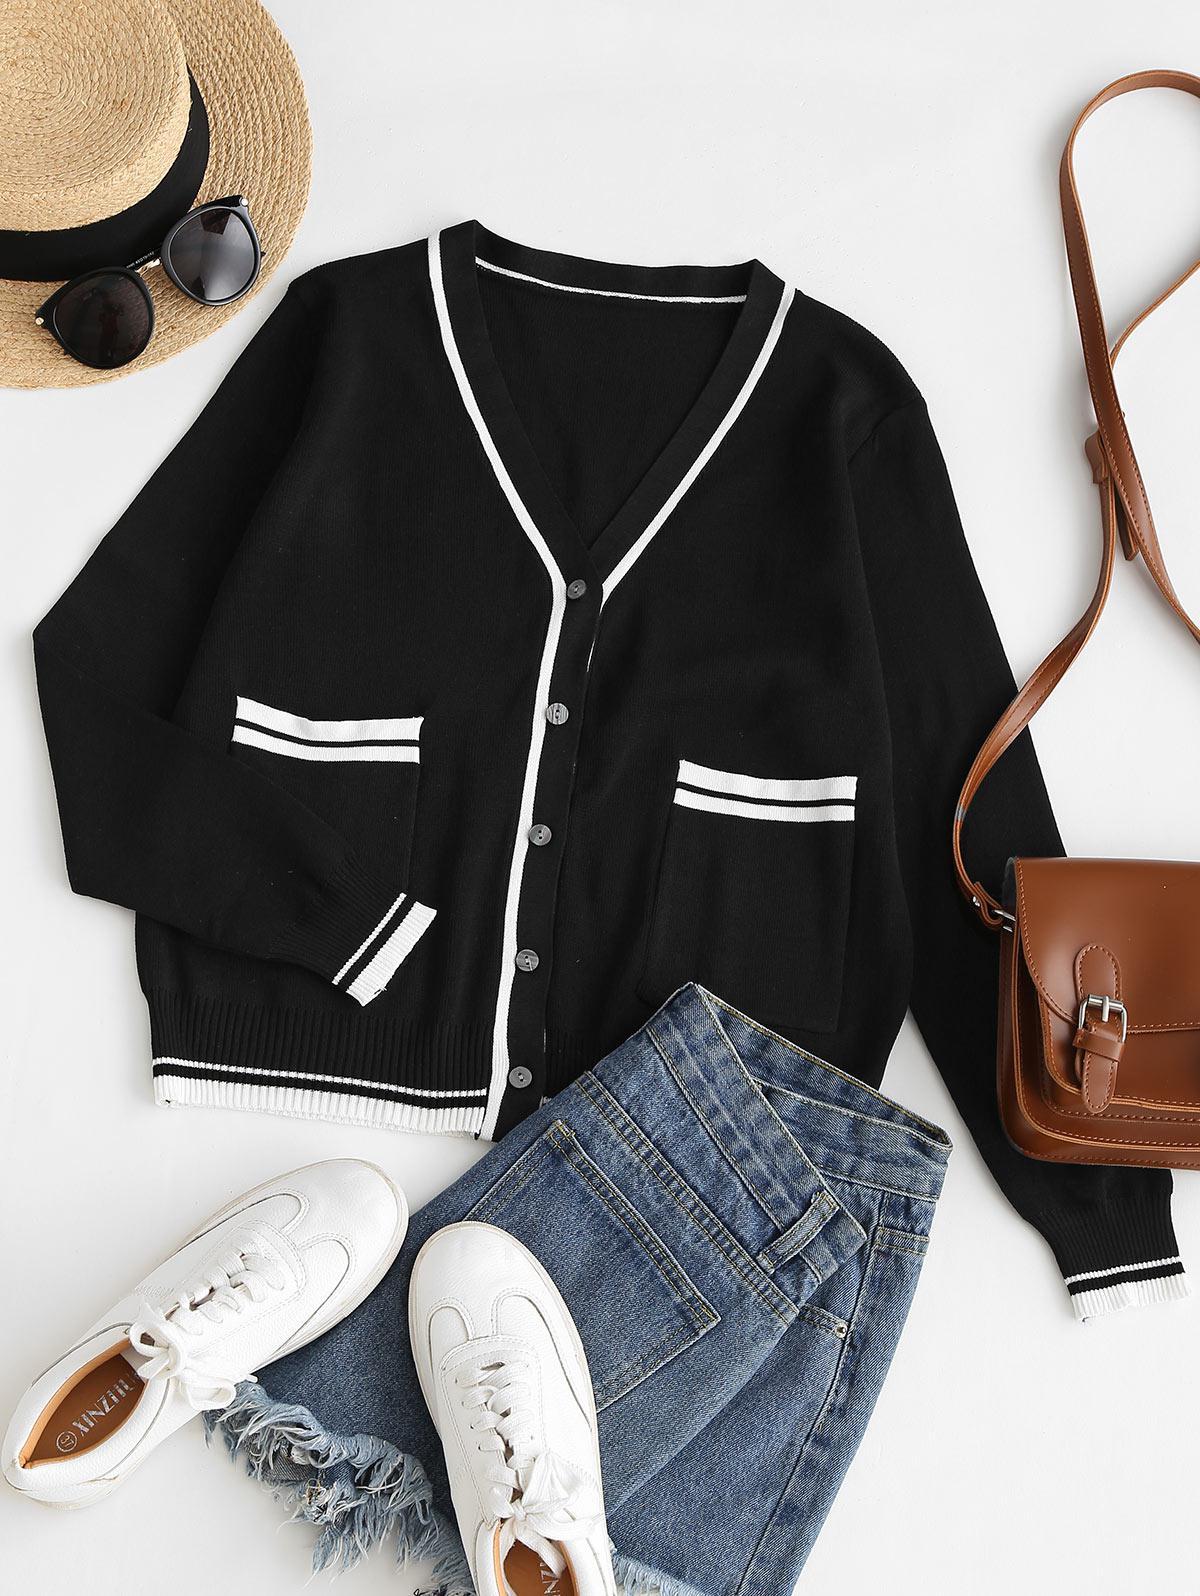 Plunge Contrast Knit Pocket Cardigan